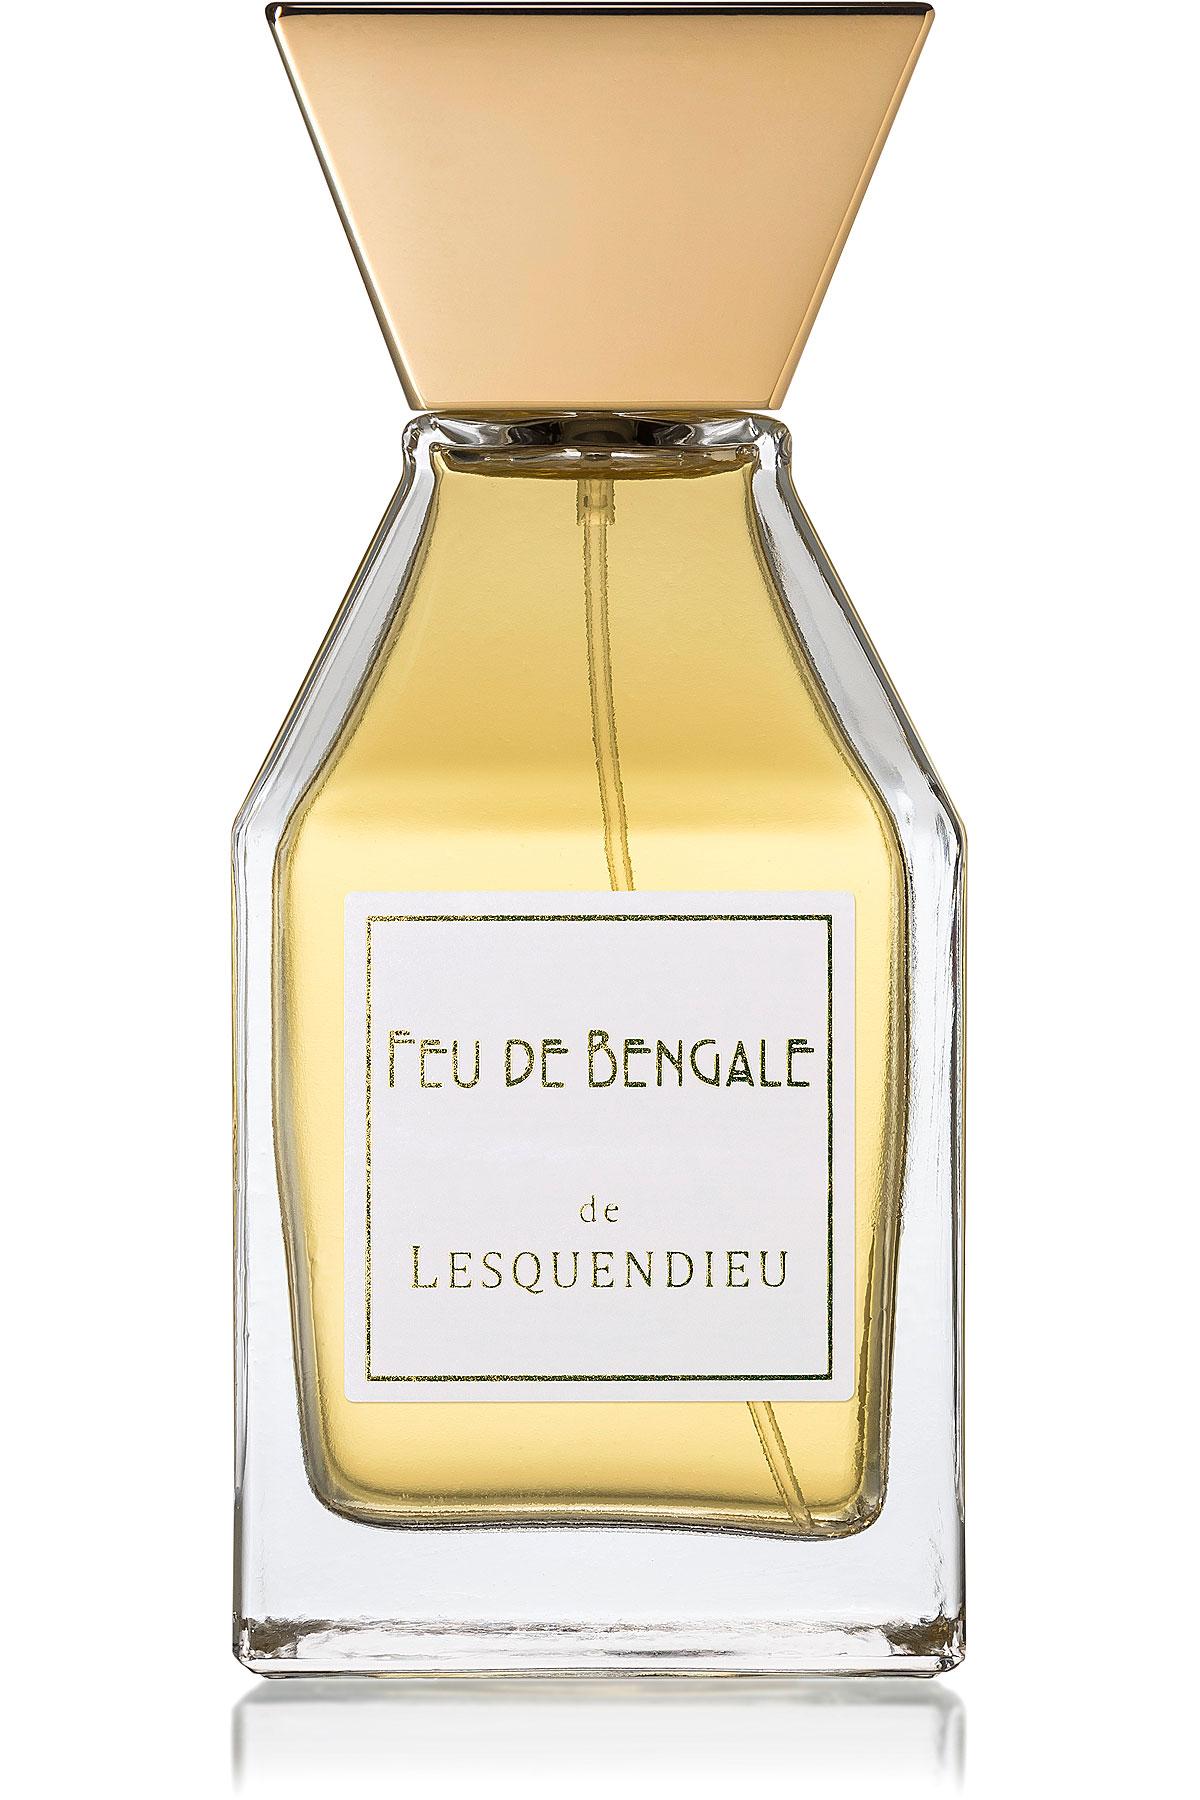 Lesquendieu Fragrances for Women, Feu De Bengale - Eau De Parfum - 75 Ml, 2019, 75 ml